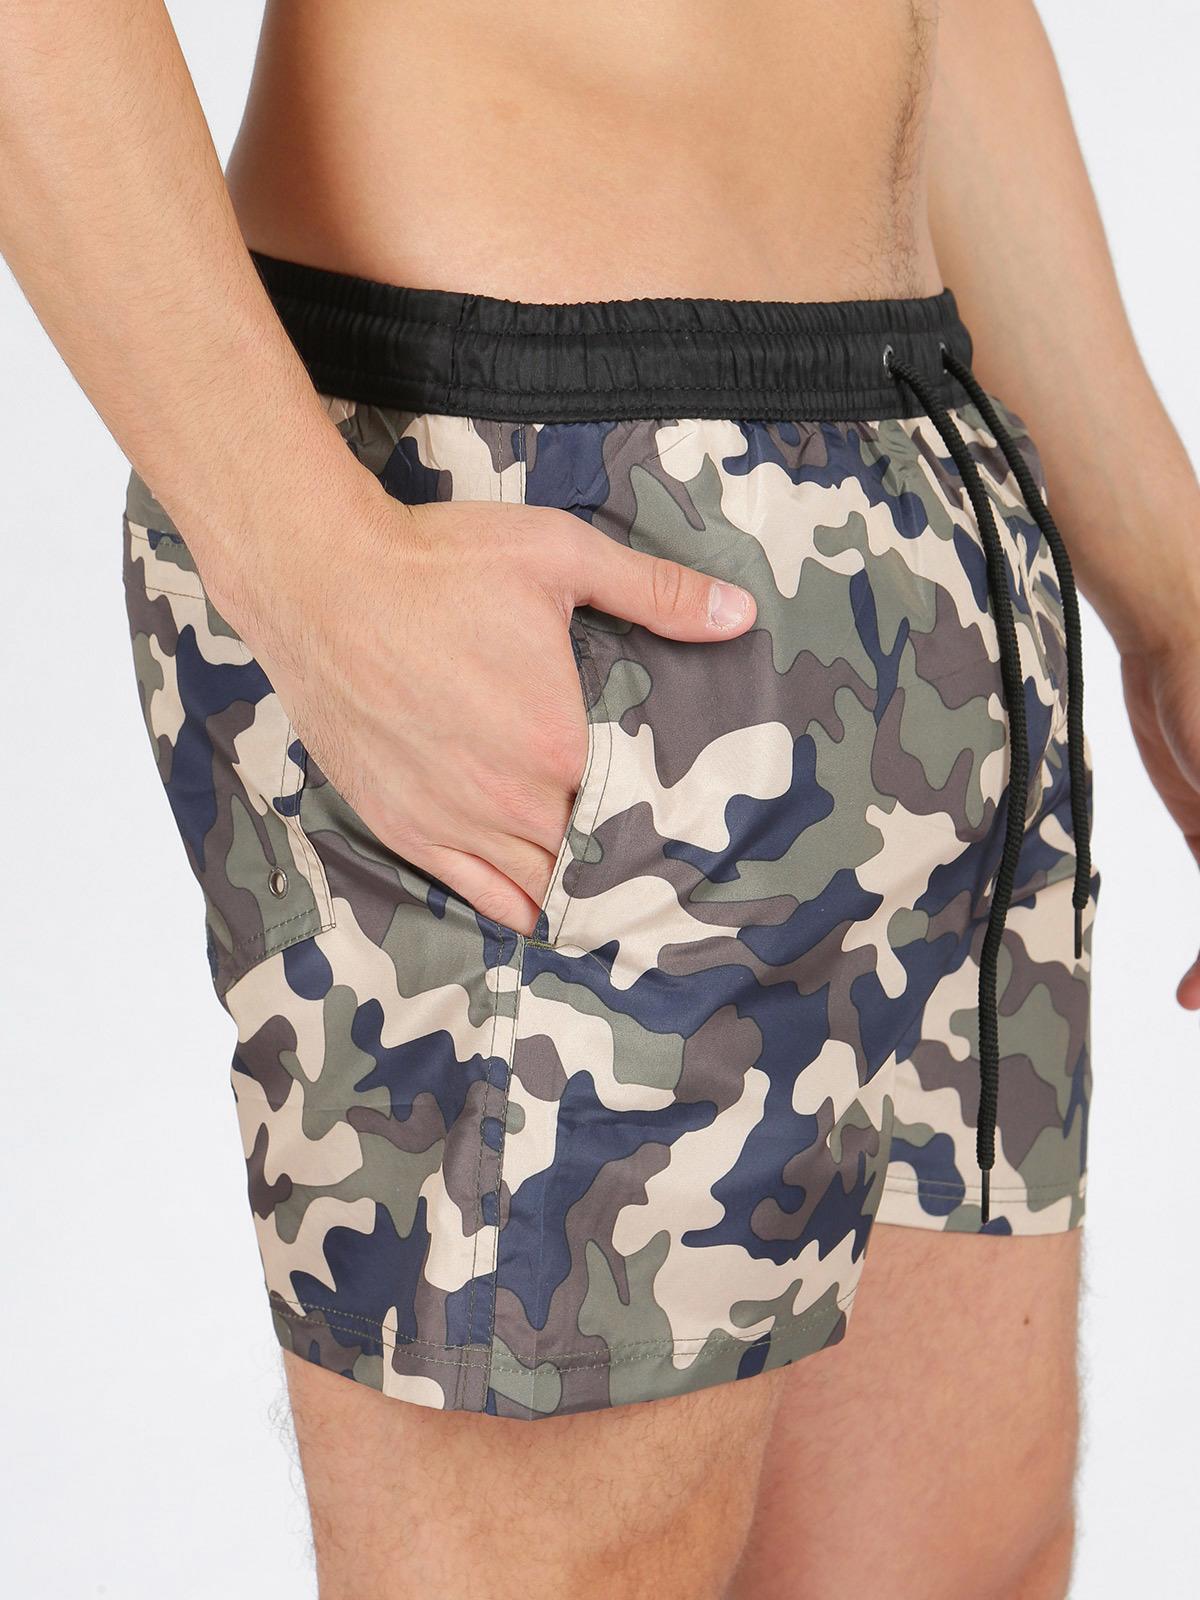 30bf049eafb1 Pantalones cortos de mar manchado hombre   MecShopping